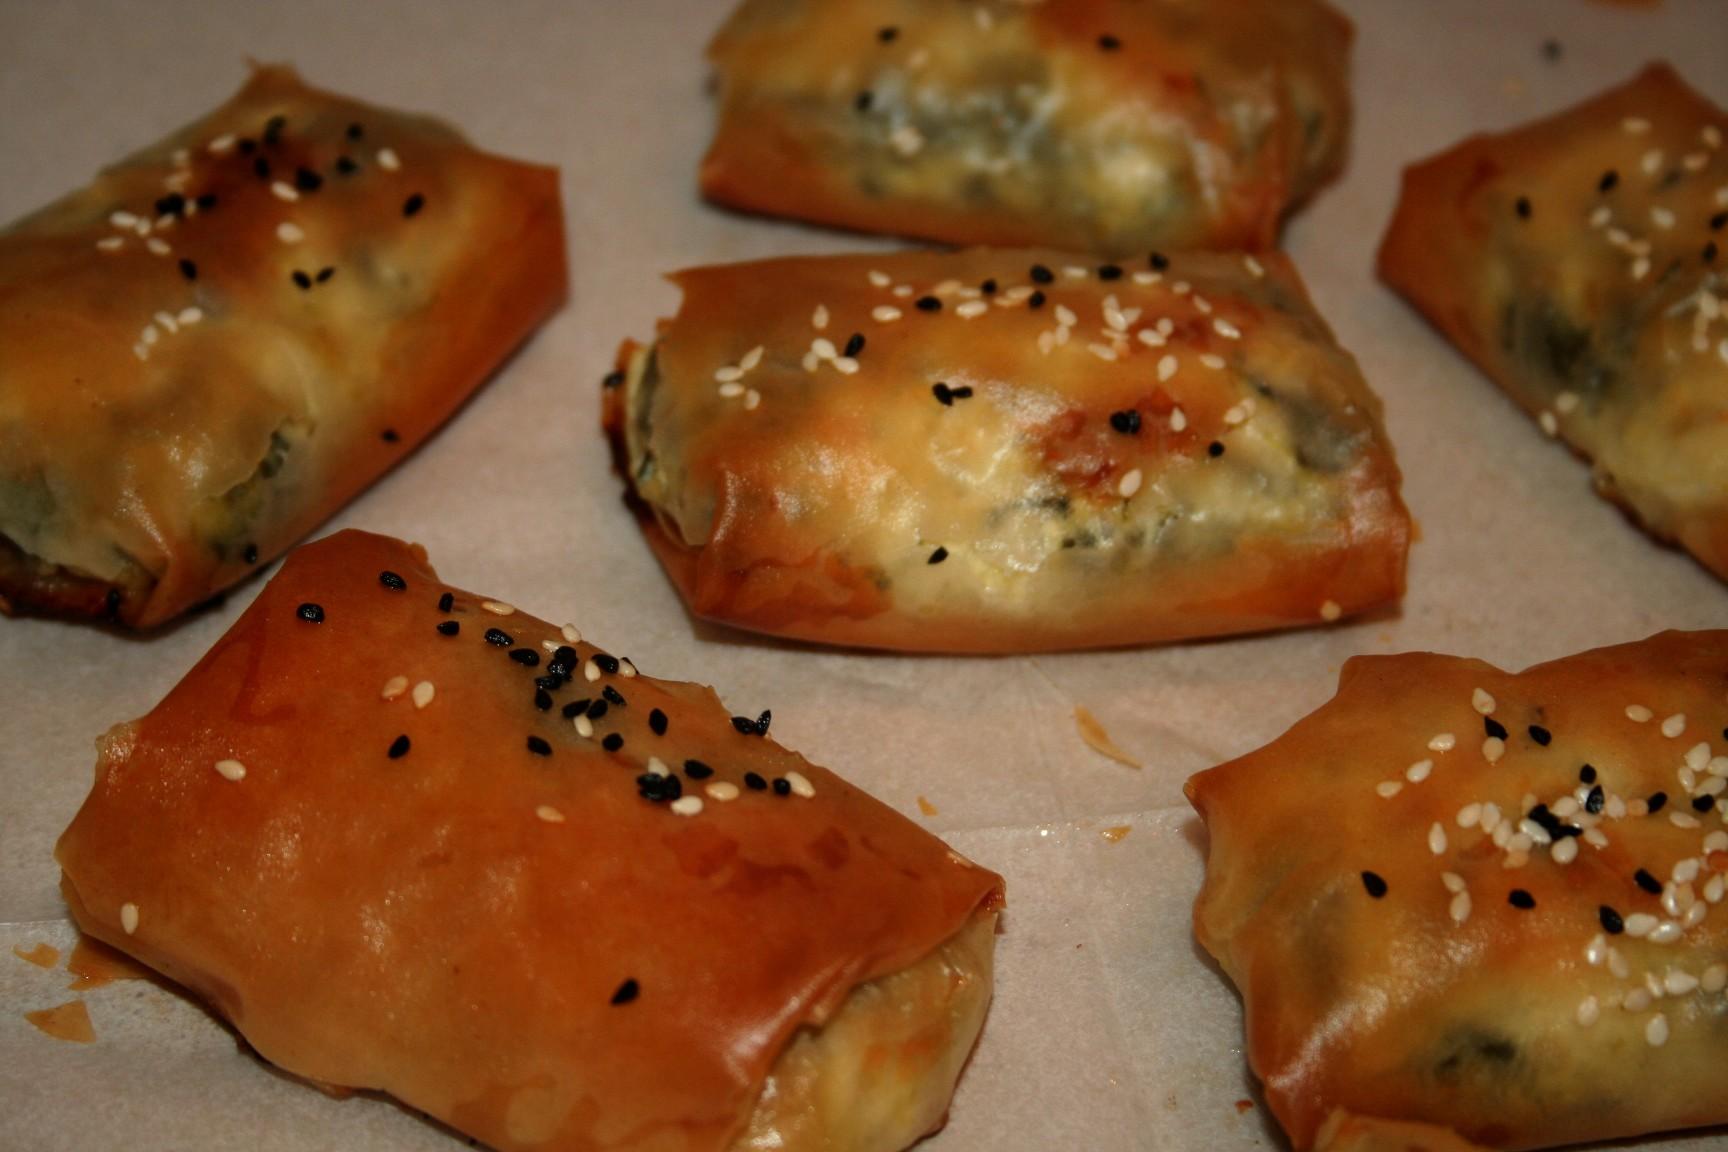 אצבעות פילו במילוי גבינה ותרד